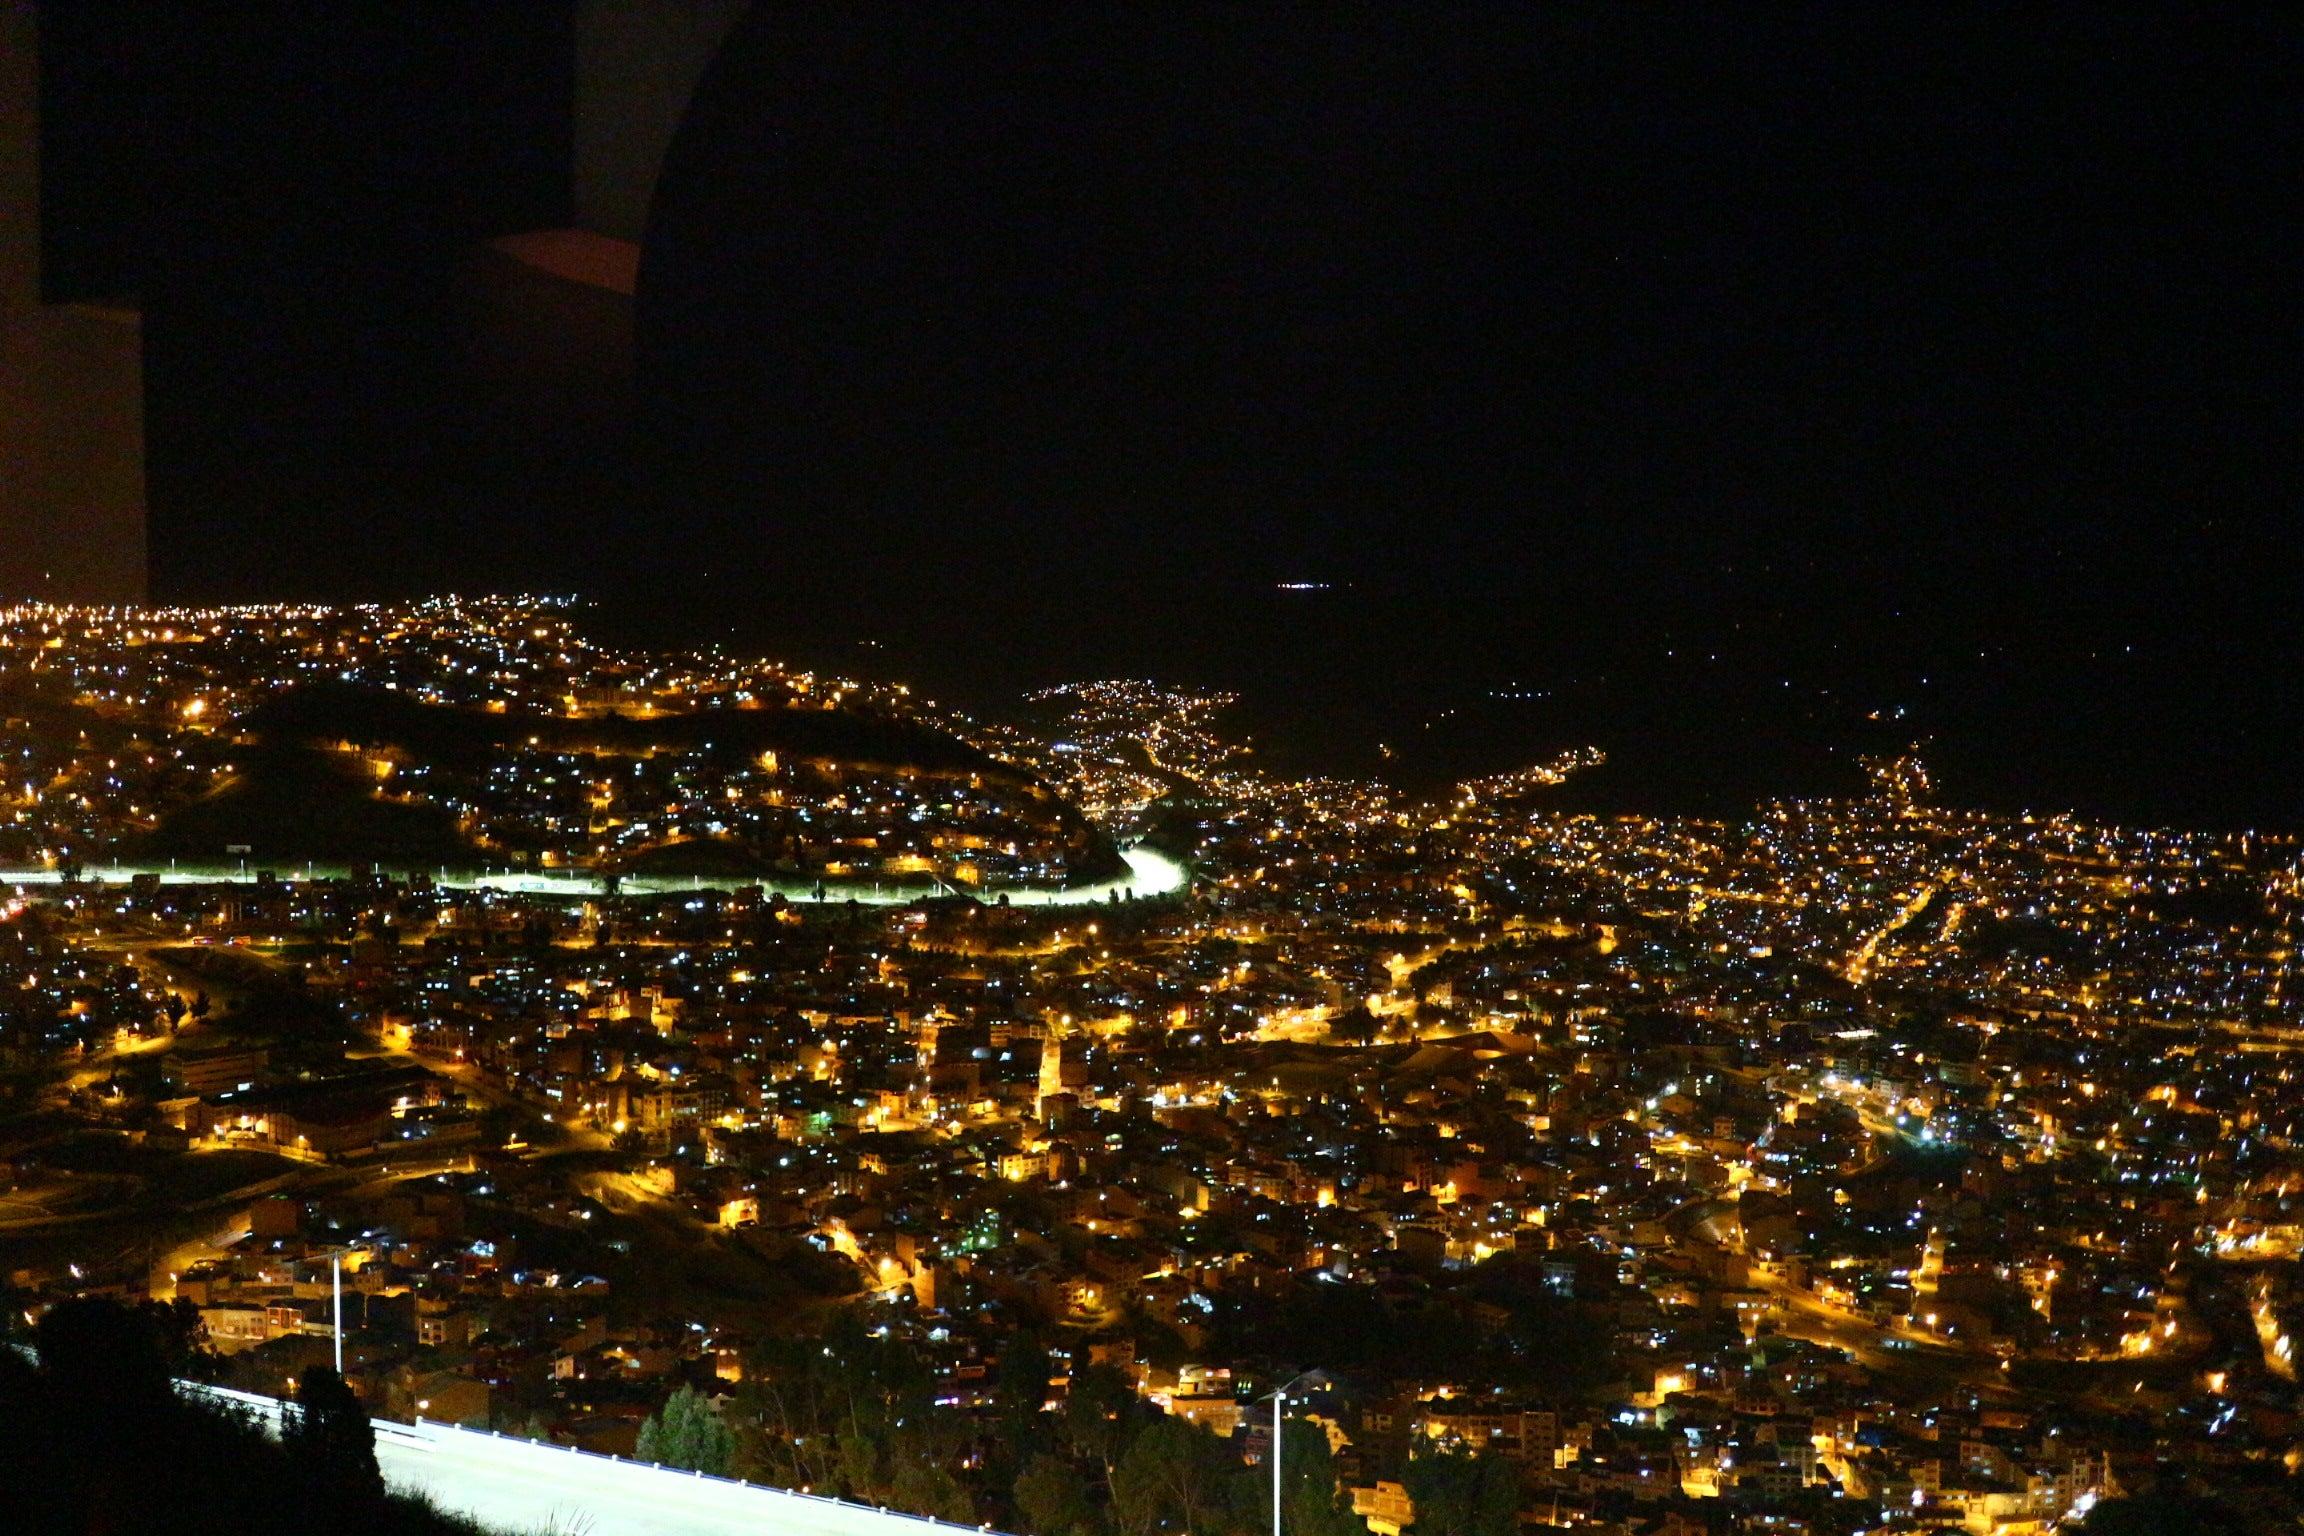 ボリビア・ラパス 夜景